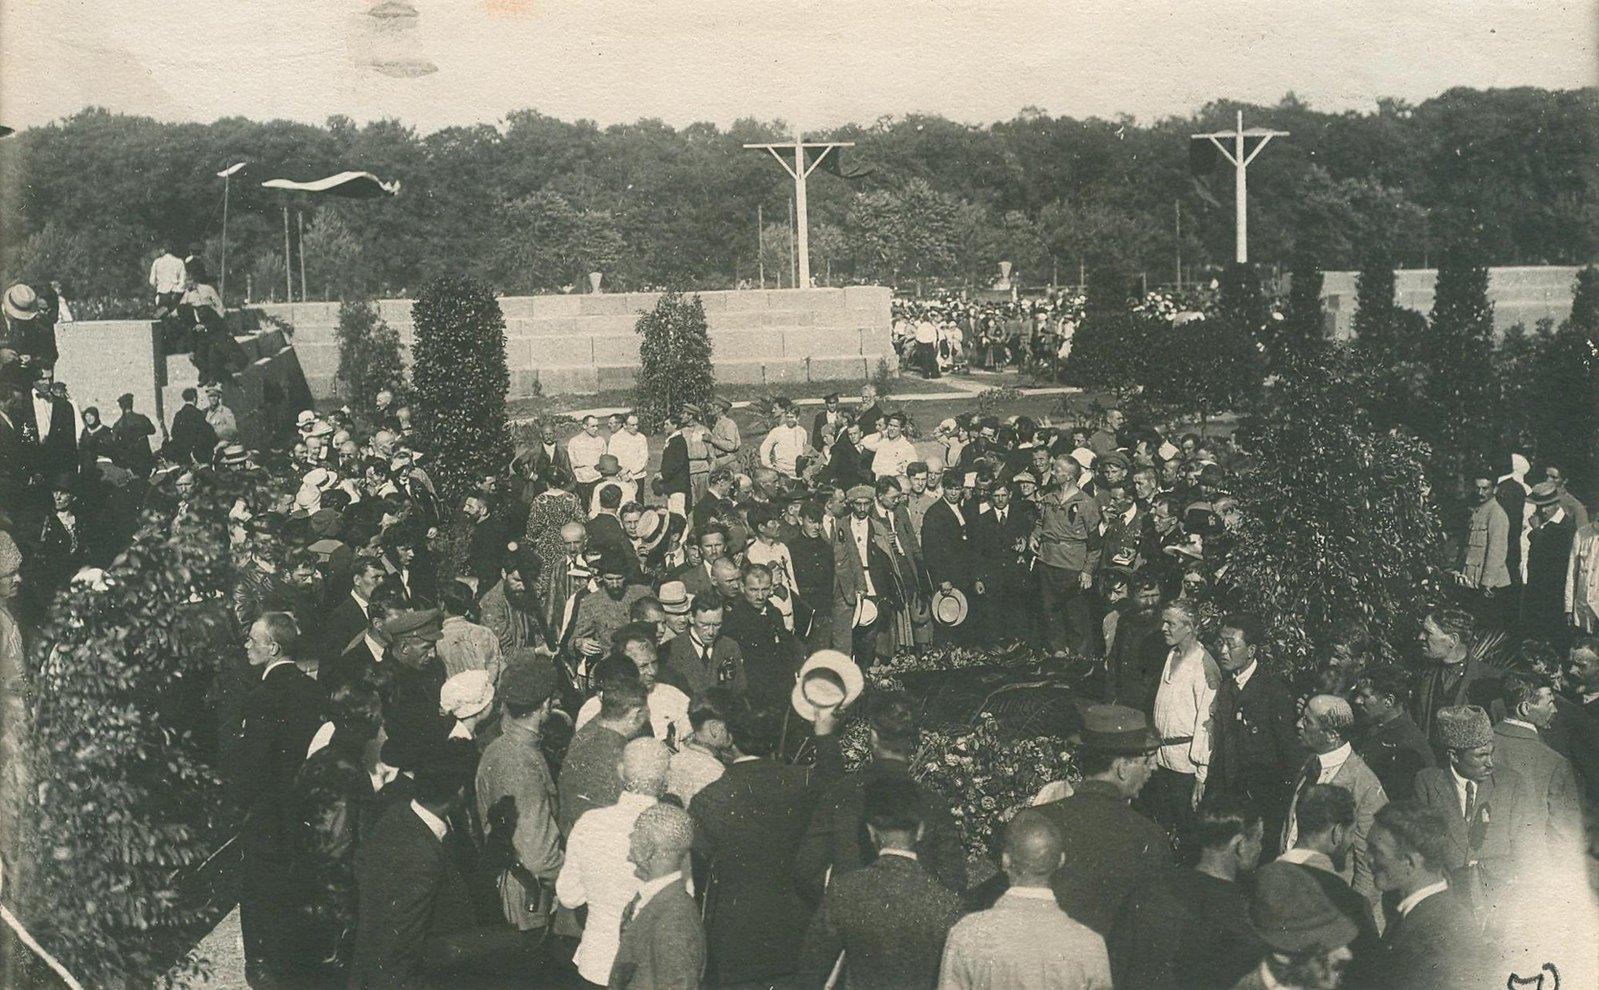 20. 1920. 19 июля. Делегаты II конгресса Коминтерна возлагают венки на могилы жертв революции на площади Жертв Революции